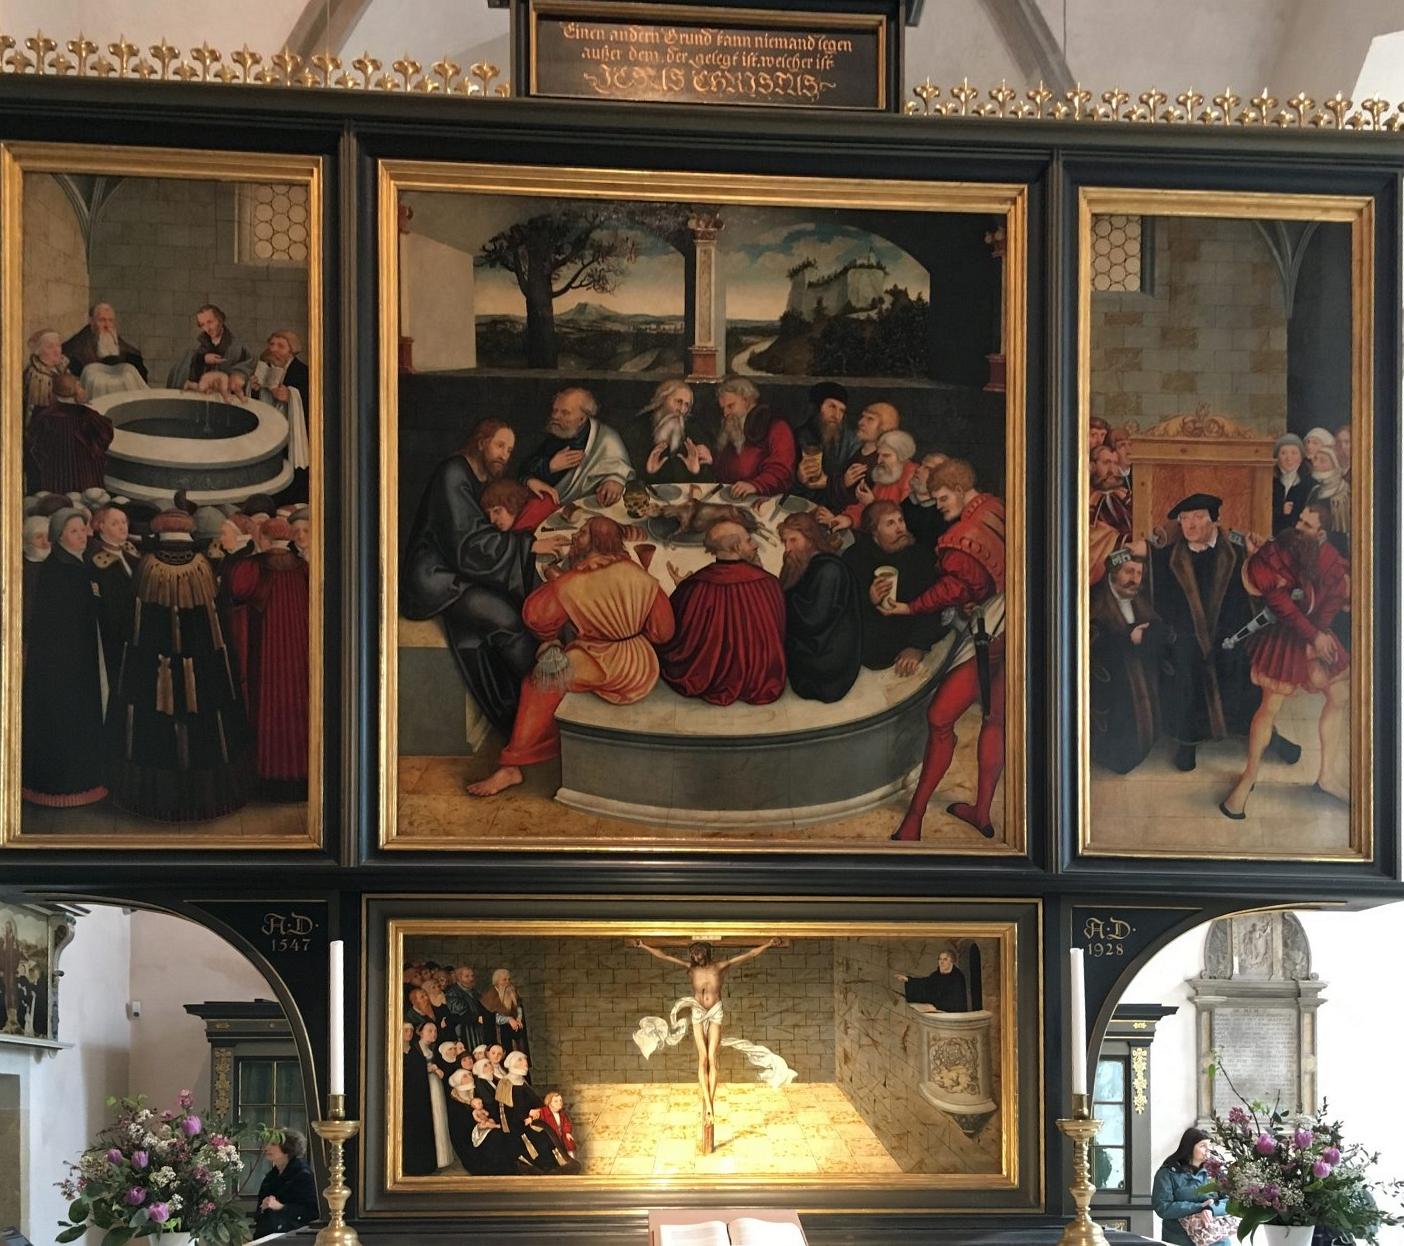 """Der von Lucas Cranach d. Ä. und seinem Sohn Lucas Cranach d. J. gemalte Altar, allgemein als """"Reformations-Altar"""" bezeichnet. Foto: D.Weirauch"""